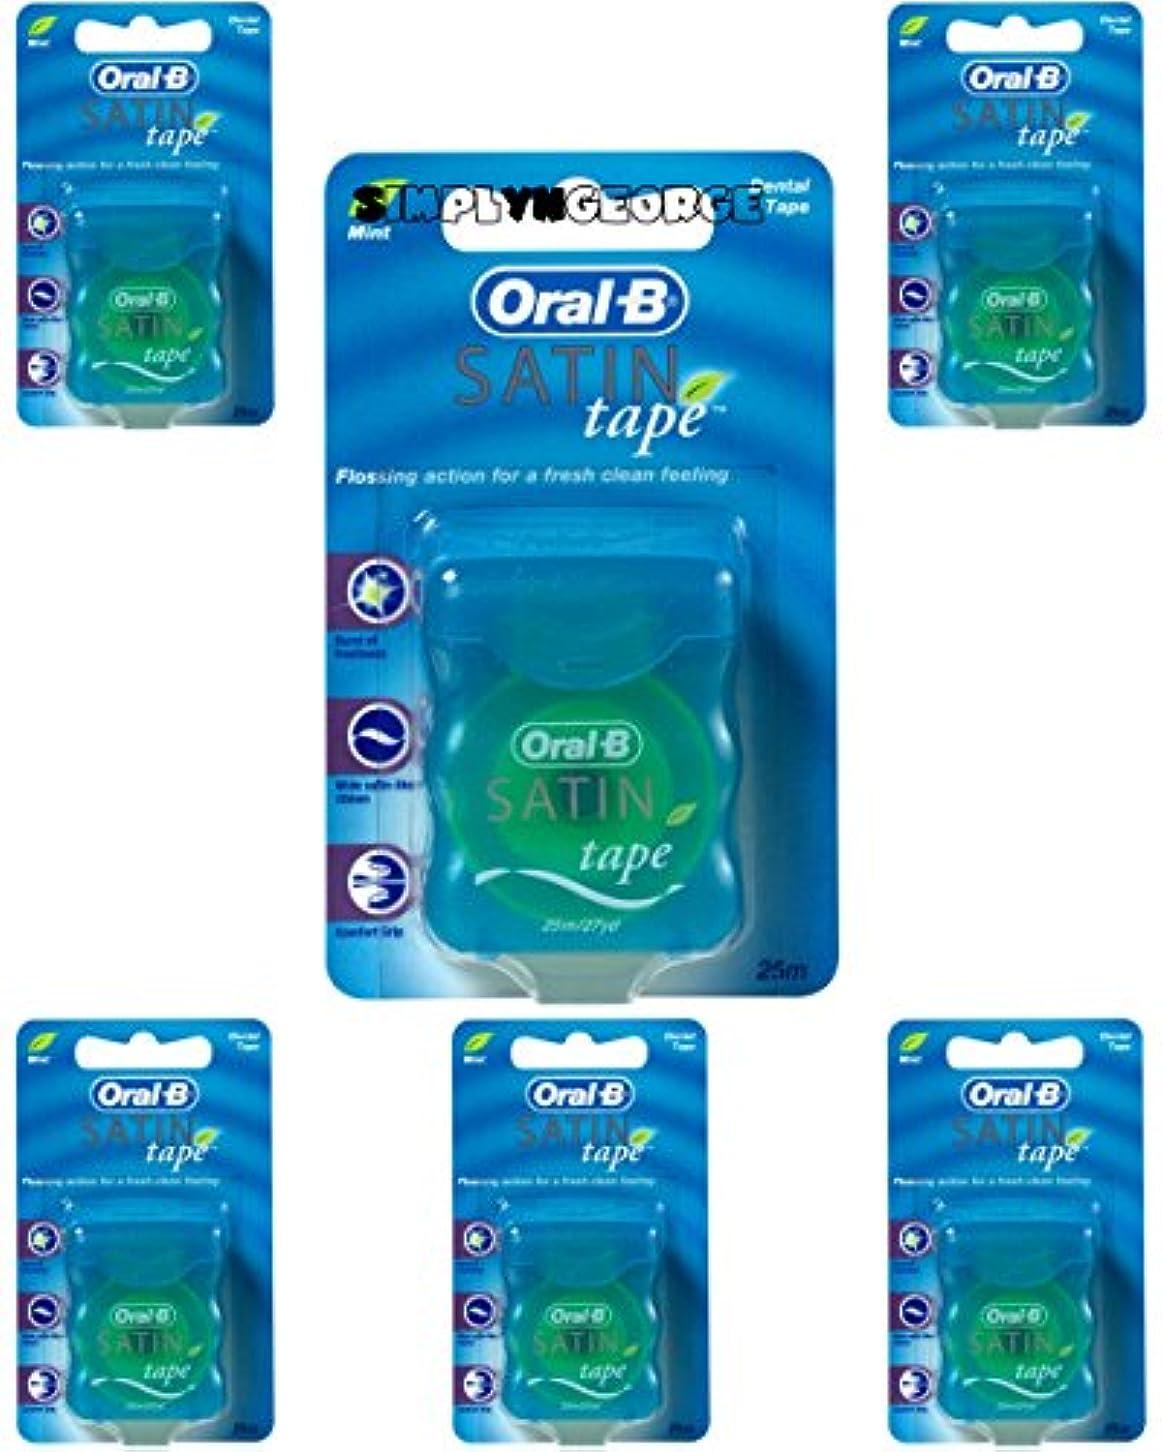 収入砂利に話すOral-B Statin Tape Dental Floss 25m (6 Units) by Oral-B Satin Tape Mint